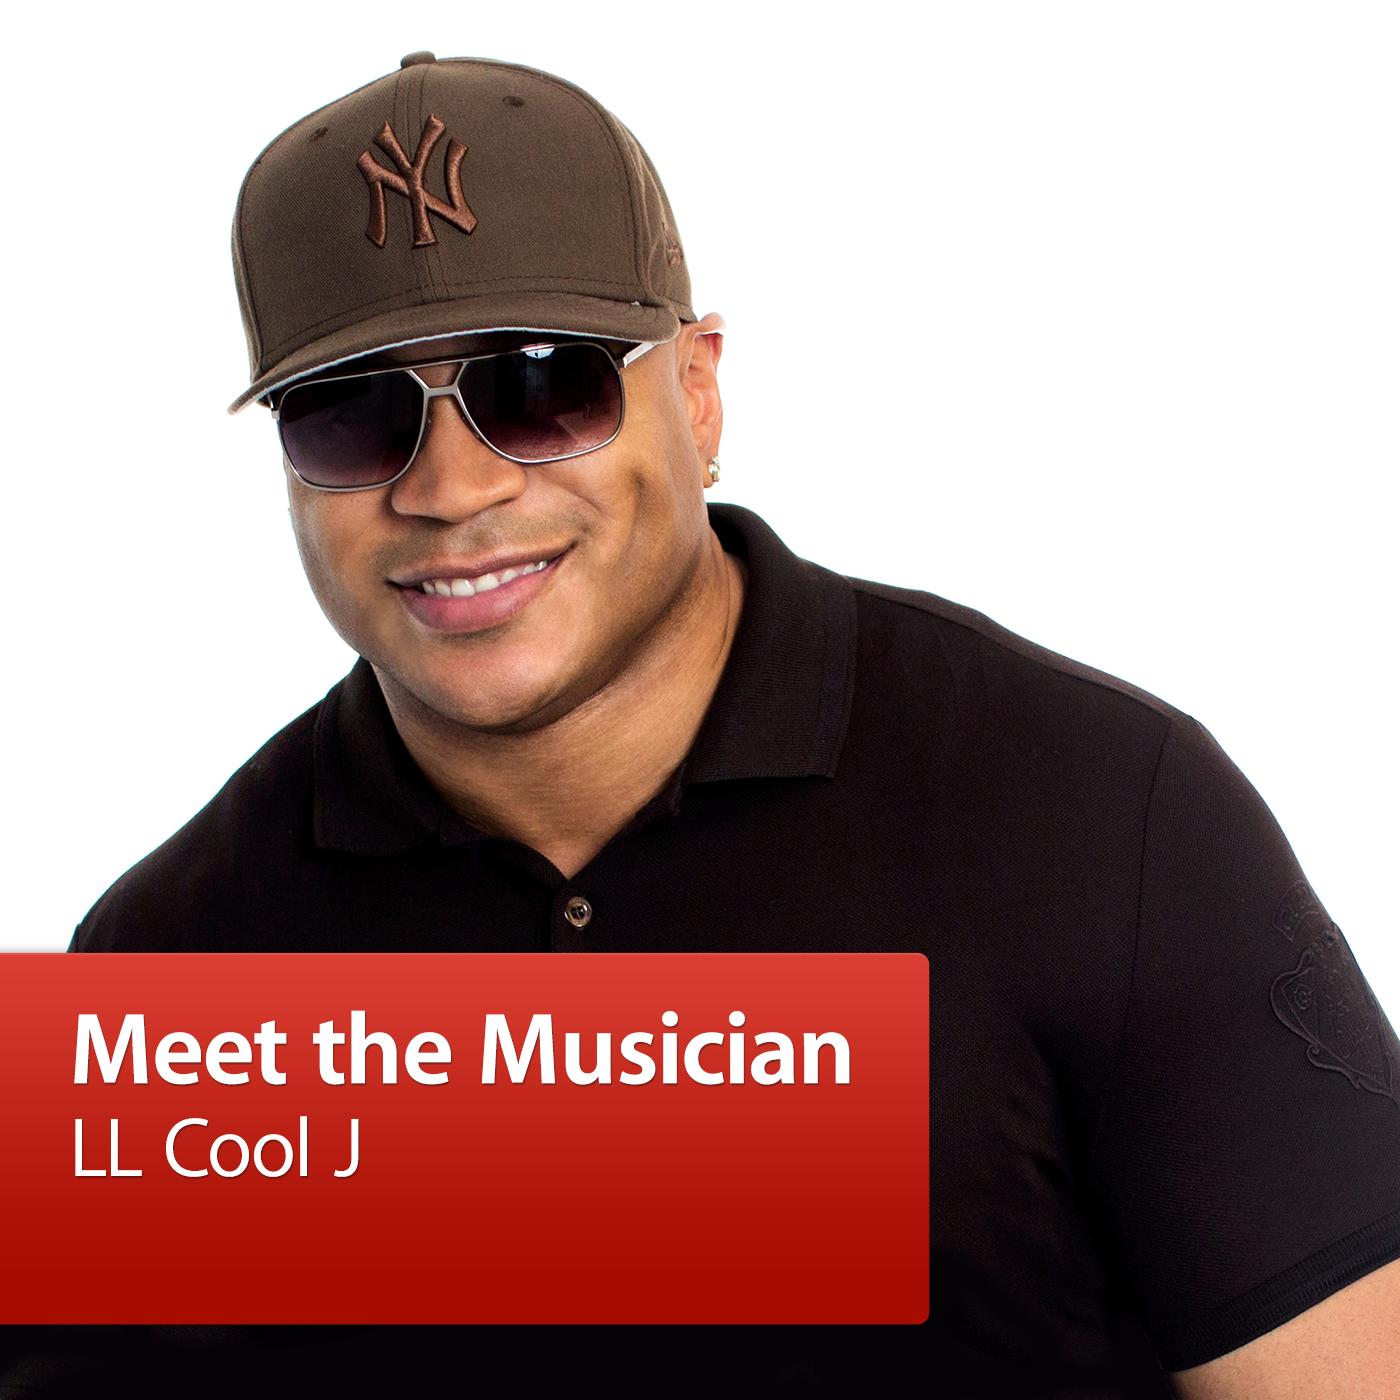 LL Cool J: Meet the Musician